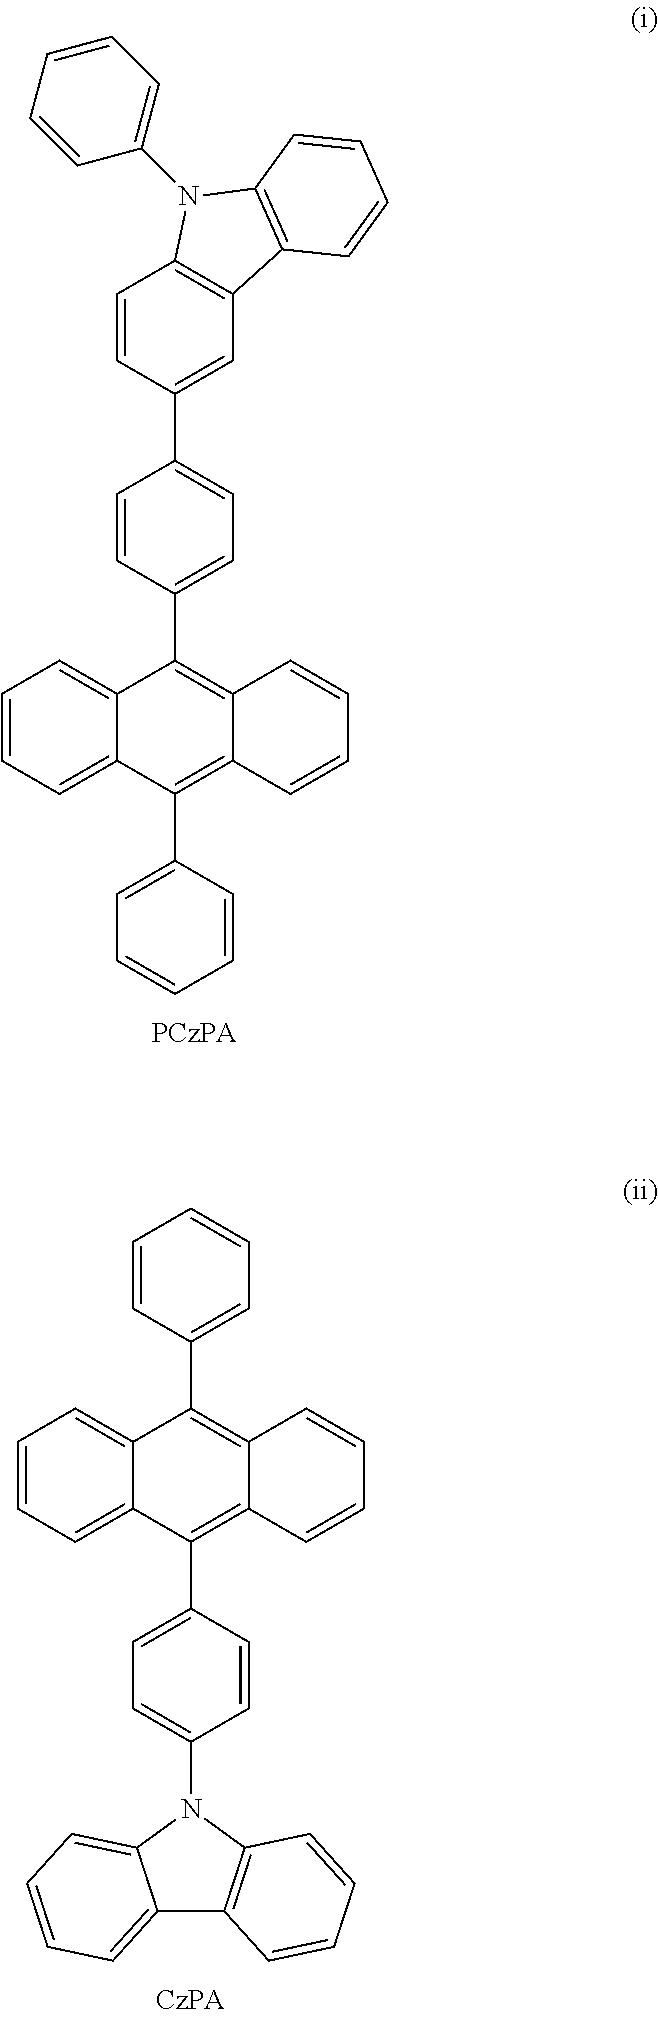 Figure US20130020561A1-20130124-C00067